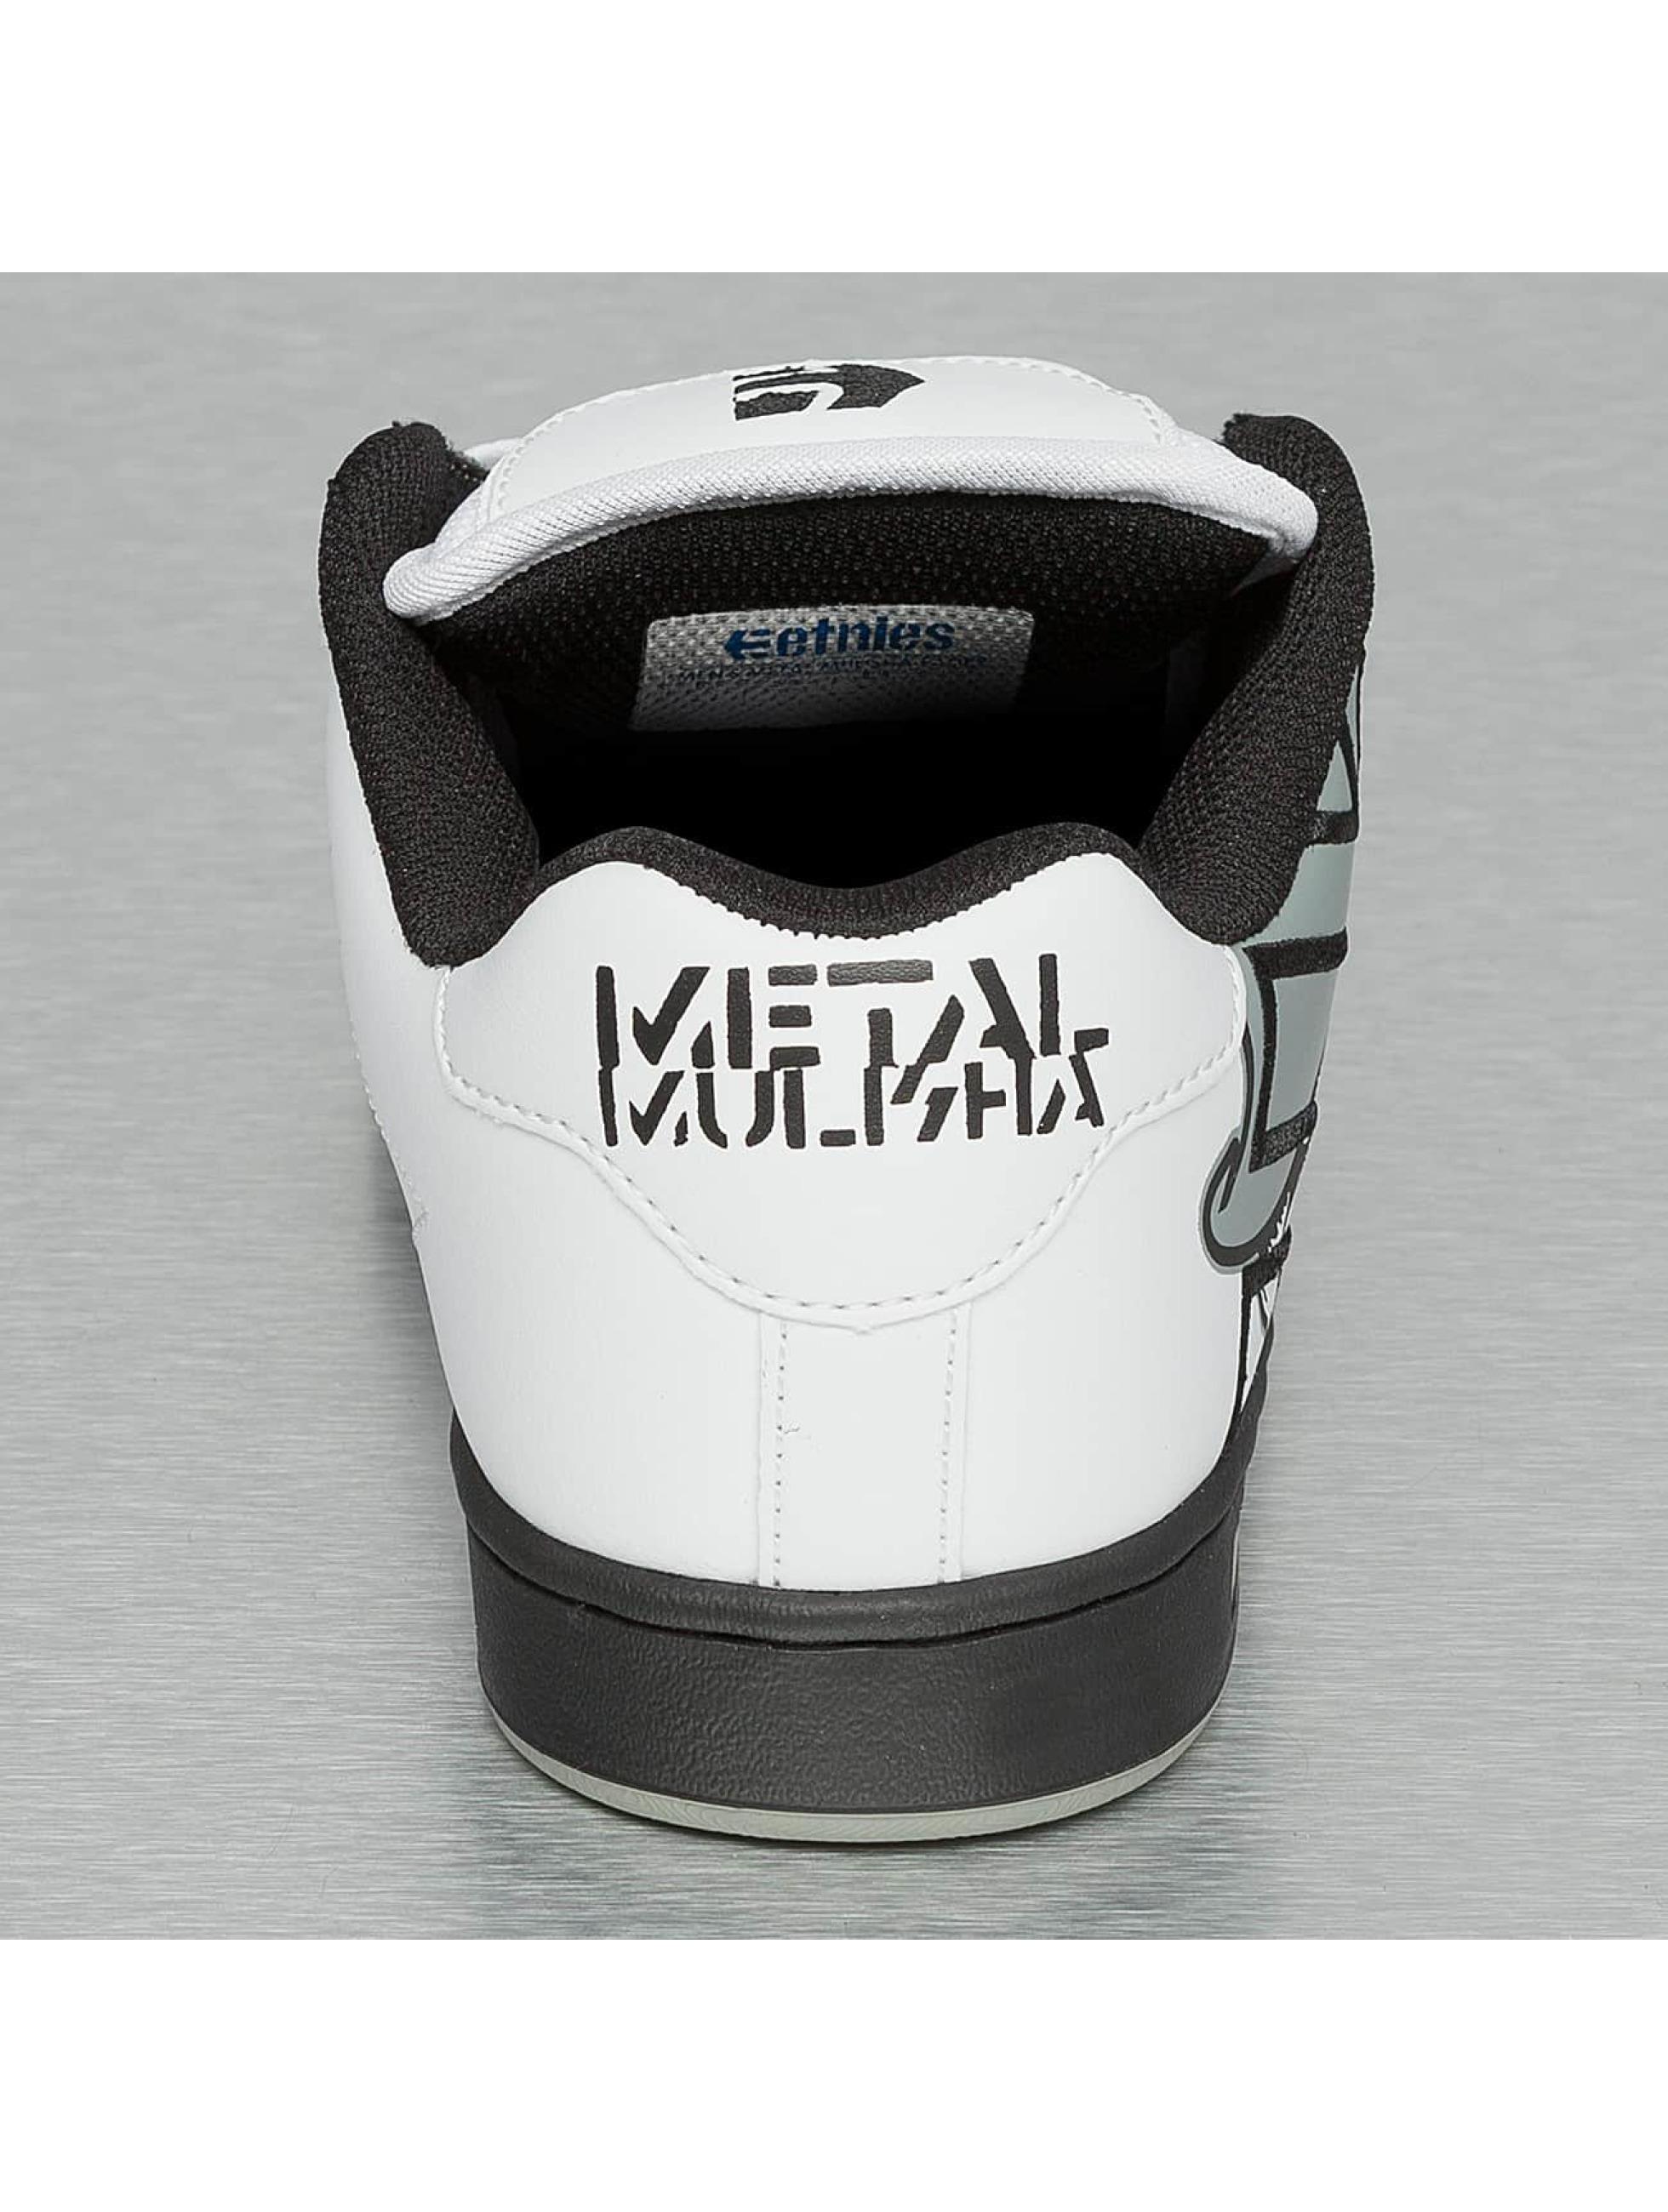 Etnies Sneakers Metal Mulisha Fader Low Top white